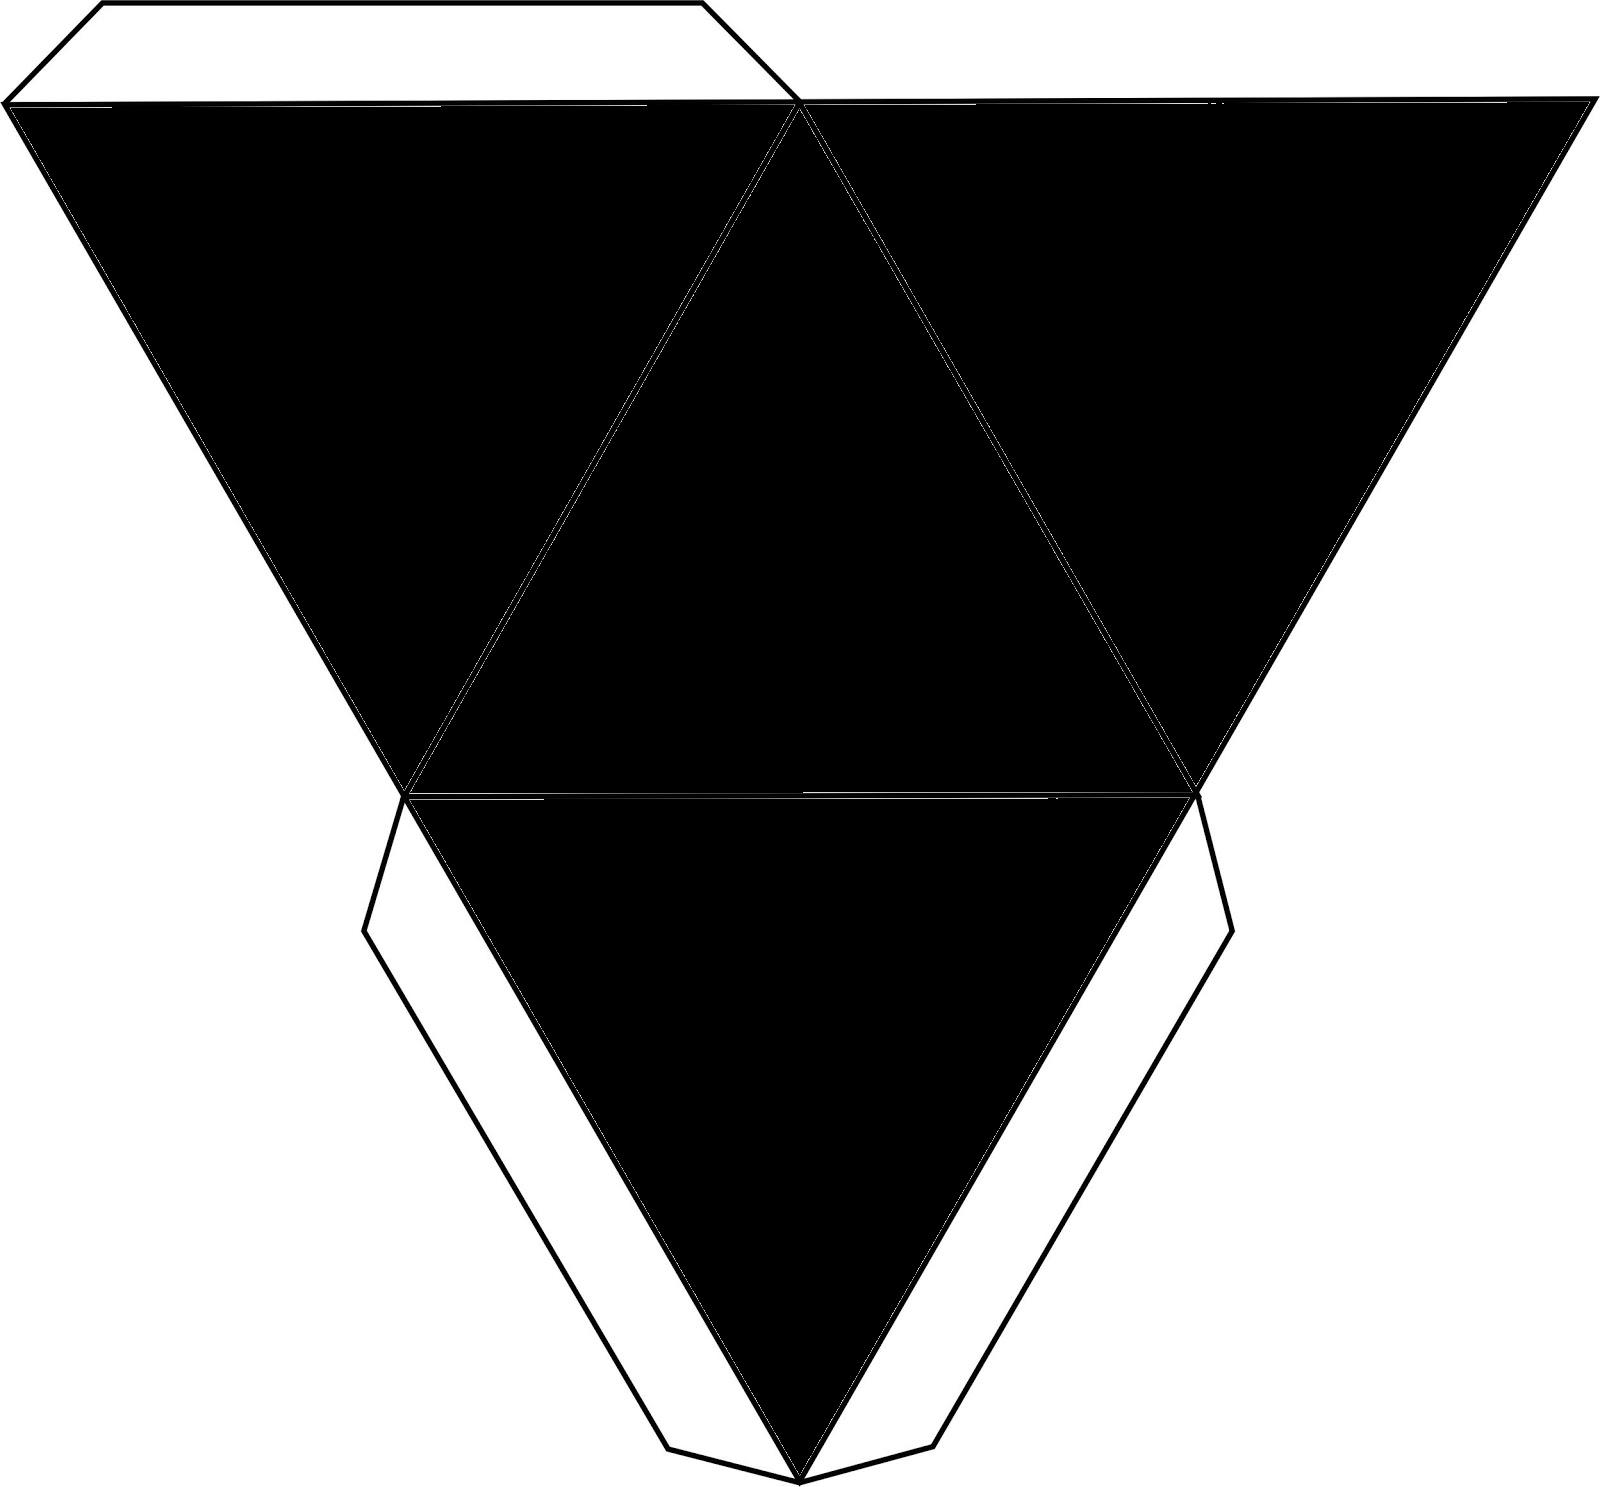 Объемные фигуры из бумаги своими руками схемы шаблоны, анимация